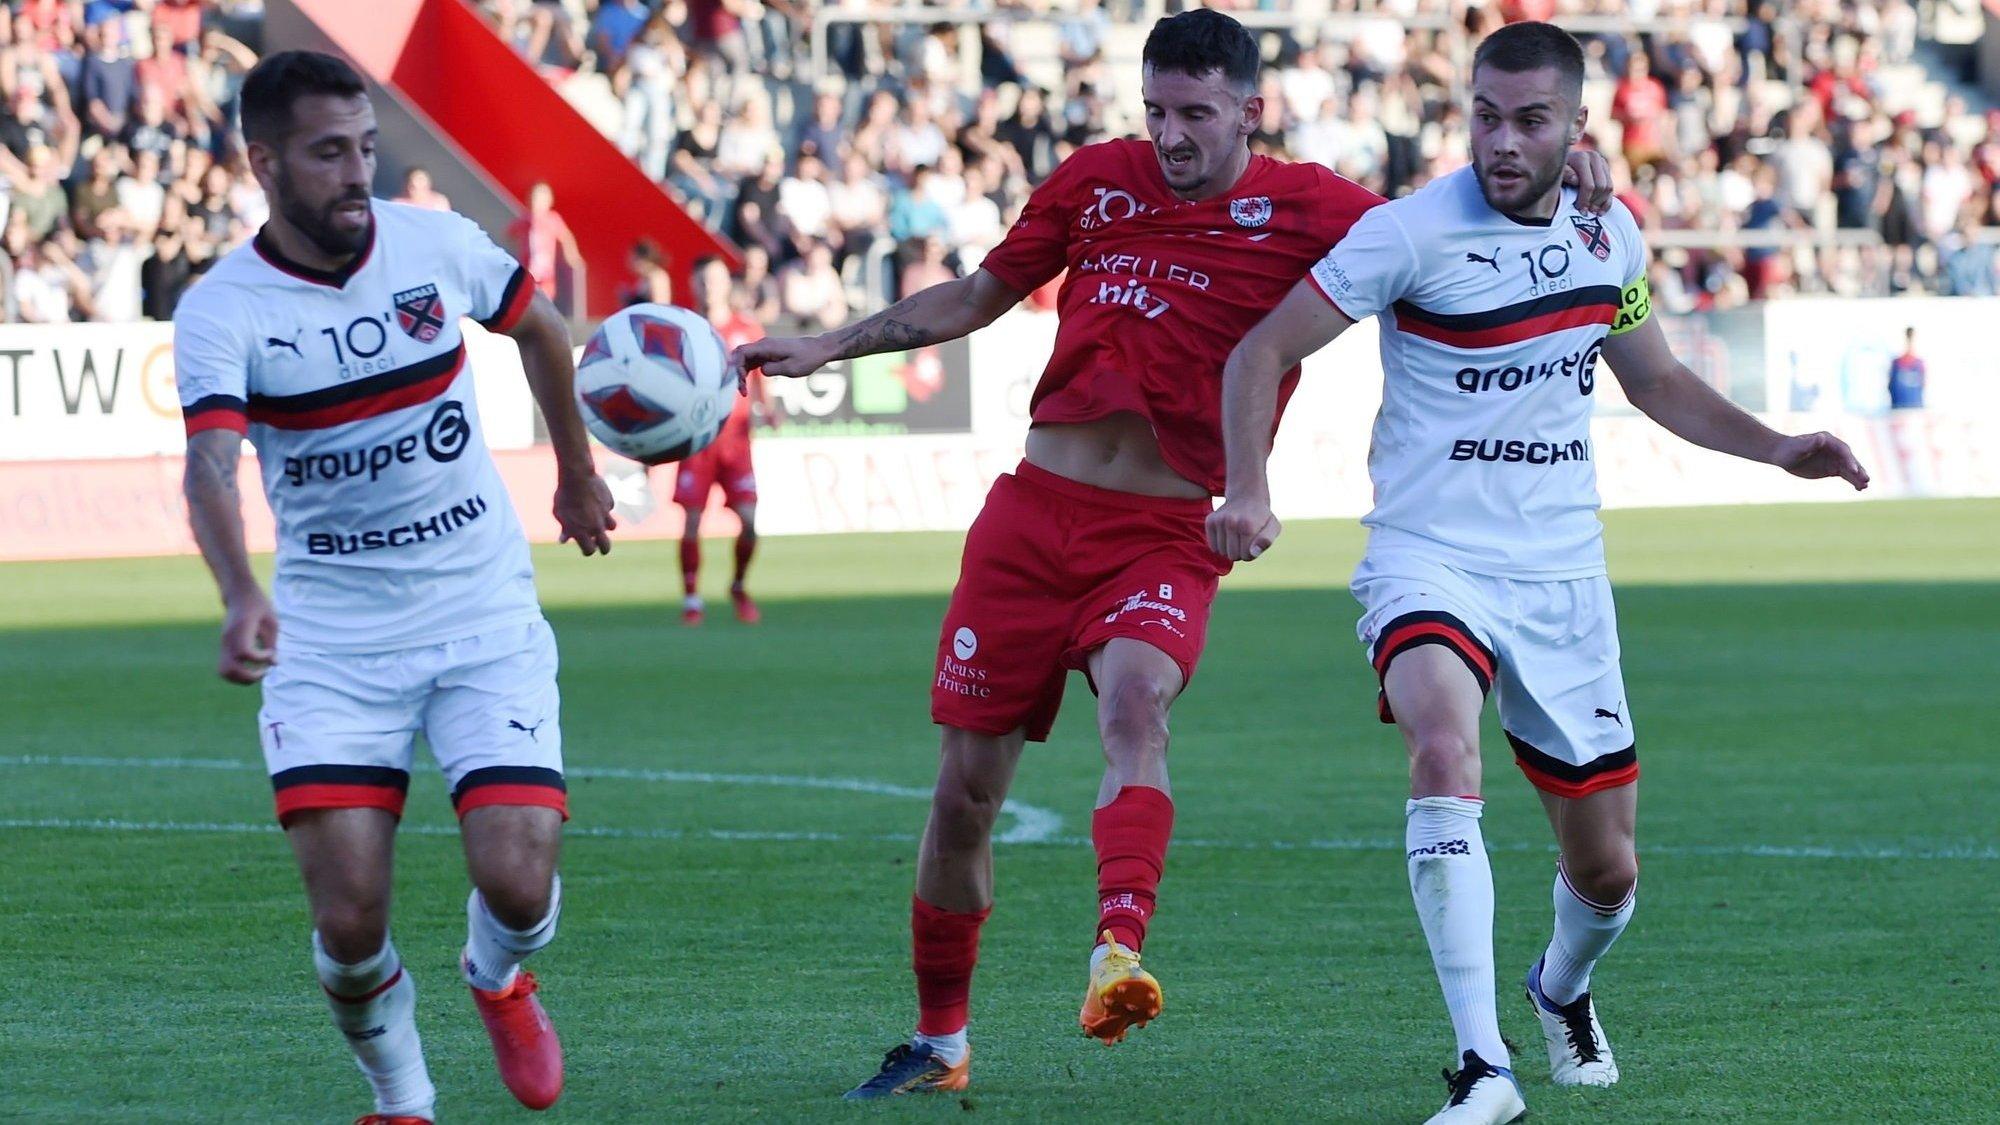 Bien qu'entouré de Max Veloso (à gauche) et Yoan Epitaux (à droite), l'ancien Xamaxien Samir Ramizi parvient à tirer et à ouvrir le score à la Schützenwiese.